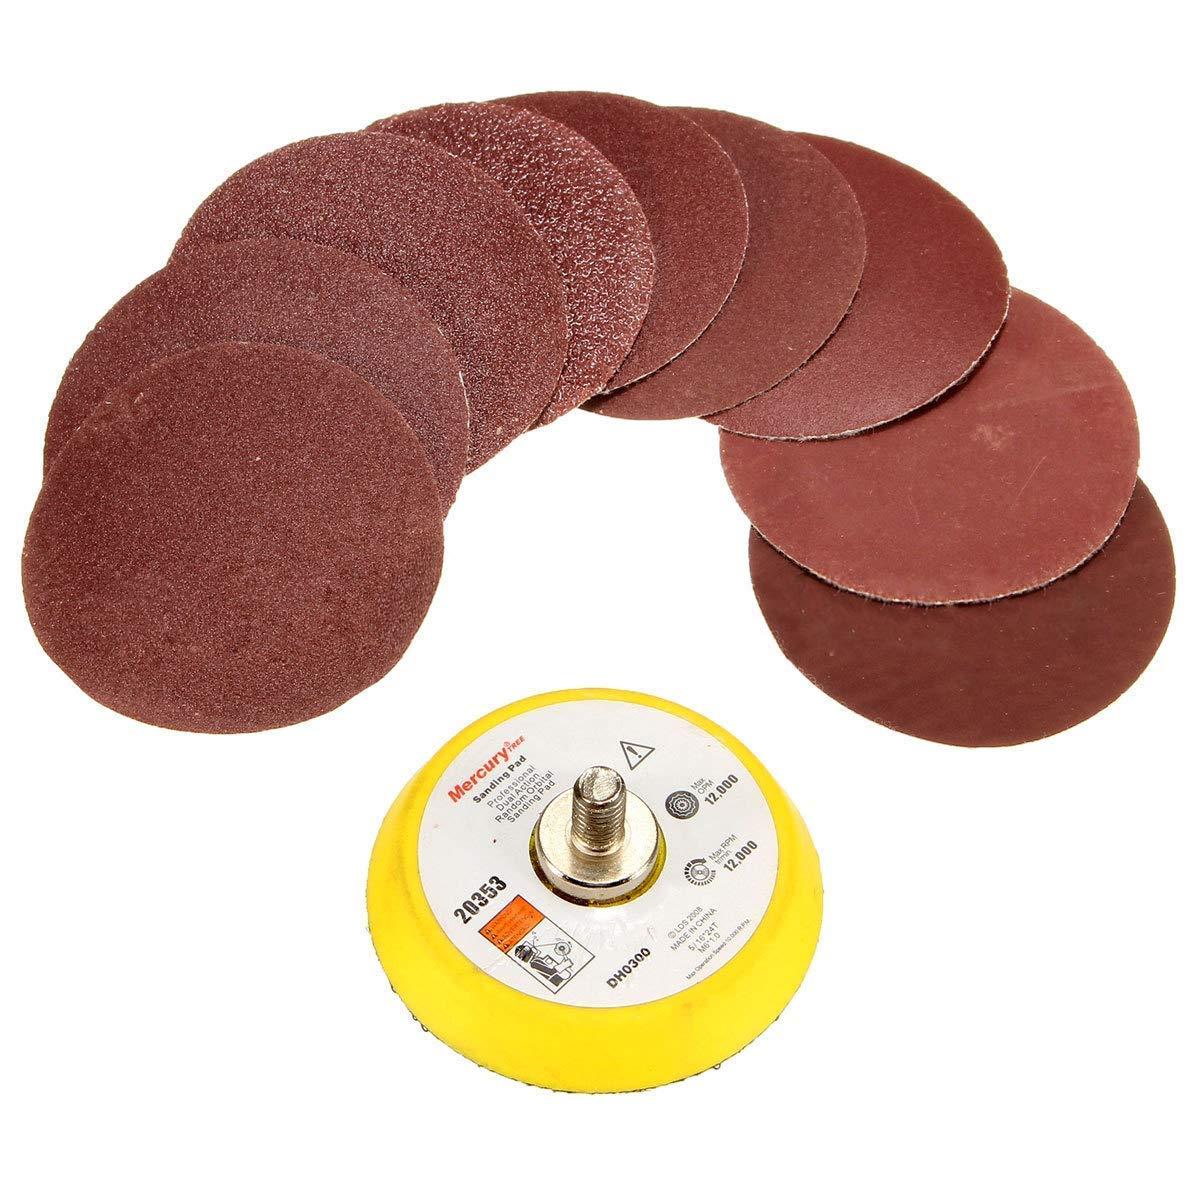 100 feuilles de papier abrasif grain 100 Lot de 100 disques abrasifs de 25 mm de 2,5 cm 3000 avec tige de 6,35 mm pour perceuse meuleuse outils rotatifs